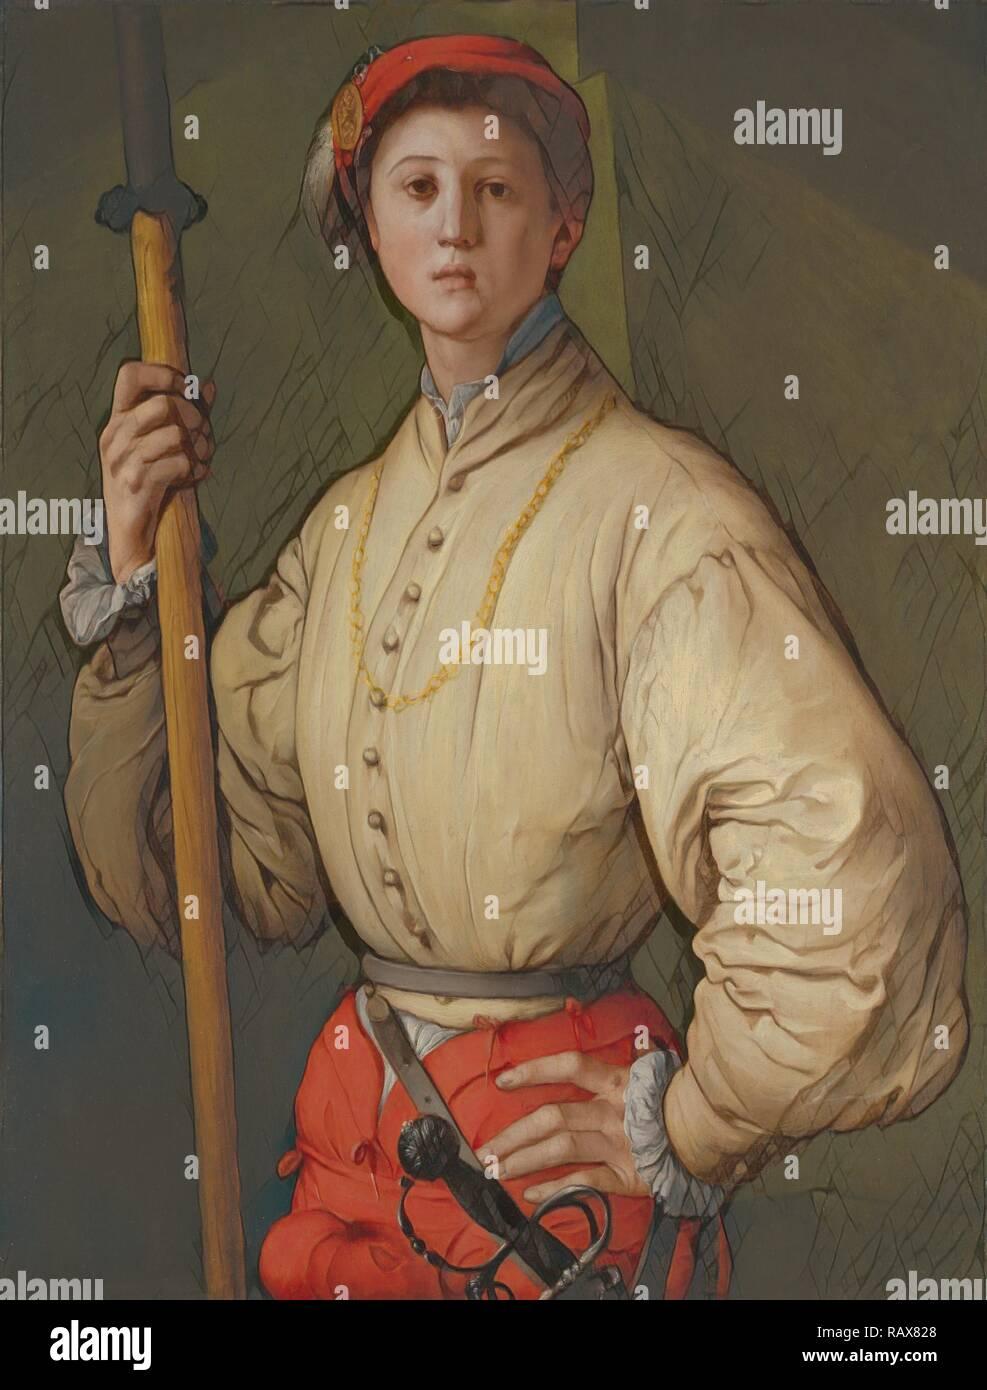 Francesco Guardi: 1494 1528 Stock Photos & 1494 1528 Stock Images